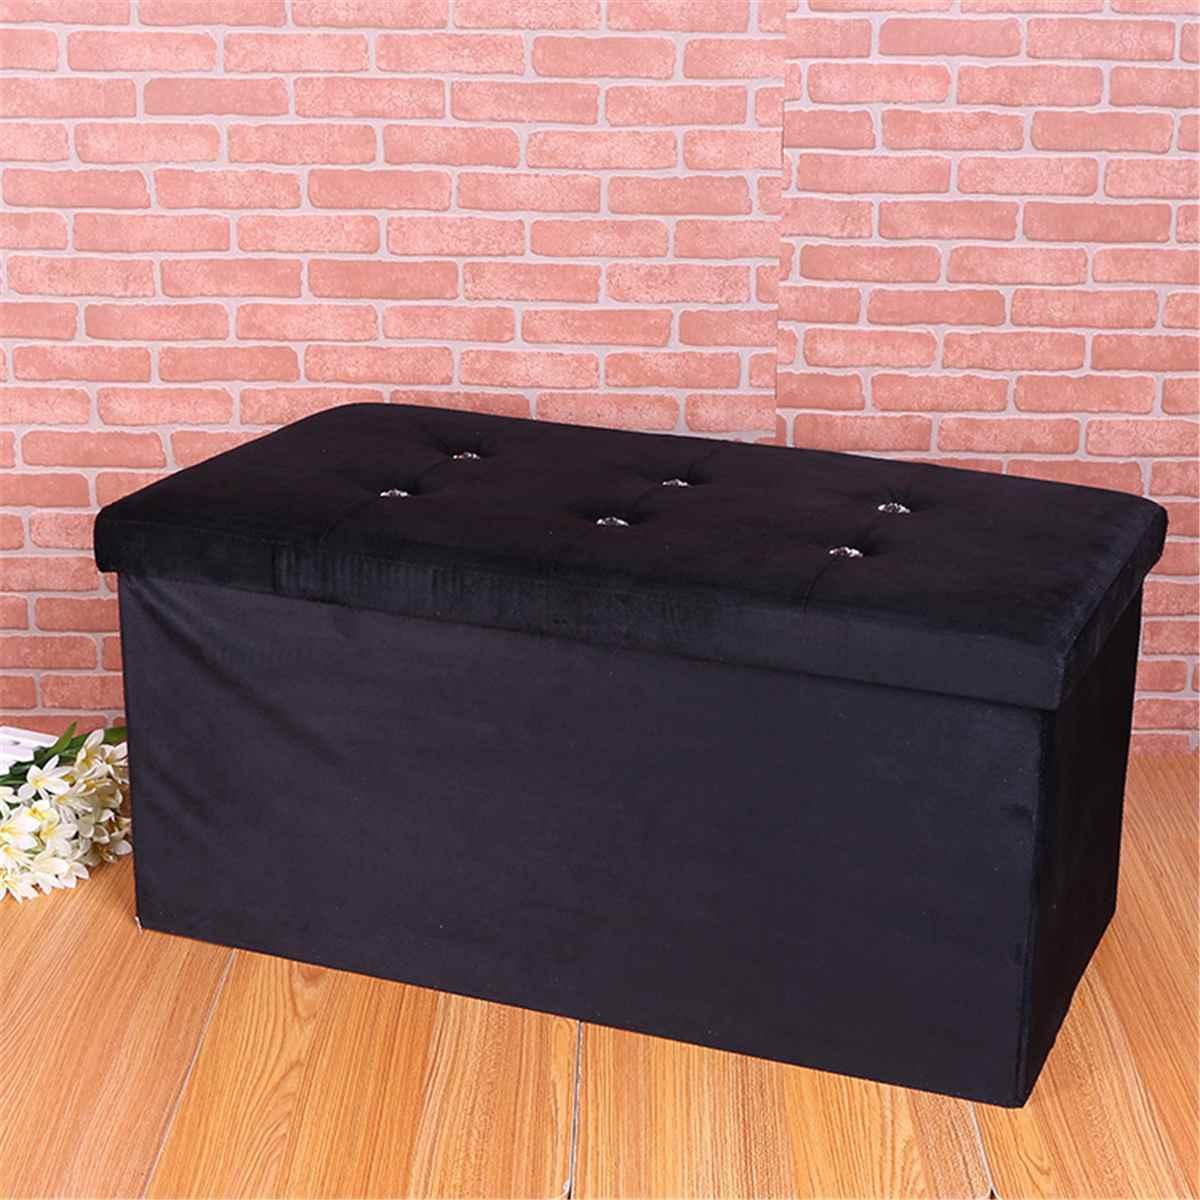 Pliable noir flanelle pouf pouf boîte de rangement siège jouets titulaire chaise pied chaussures tabouret accueil organisateur décoration 76x38x38 cm